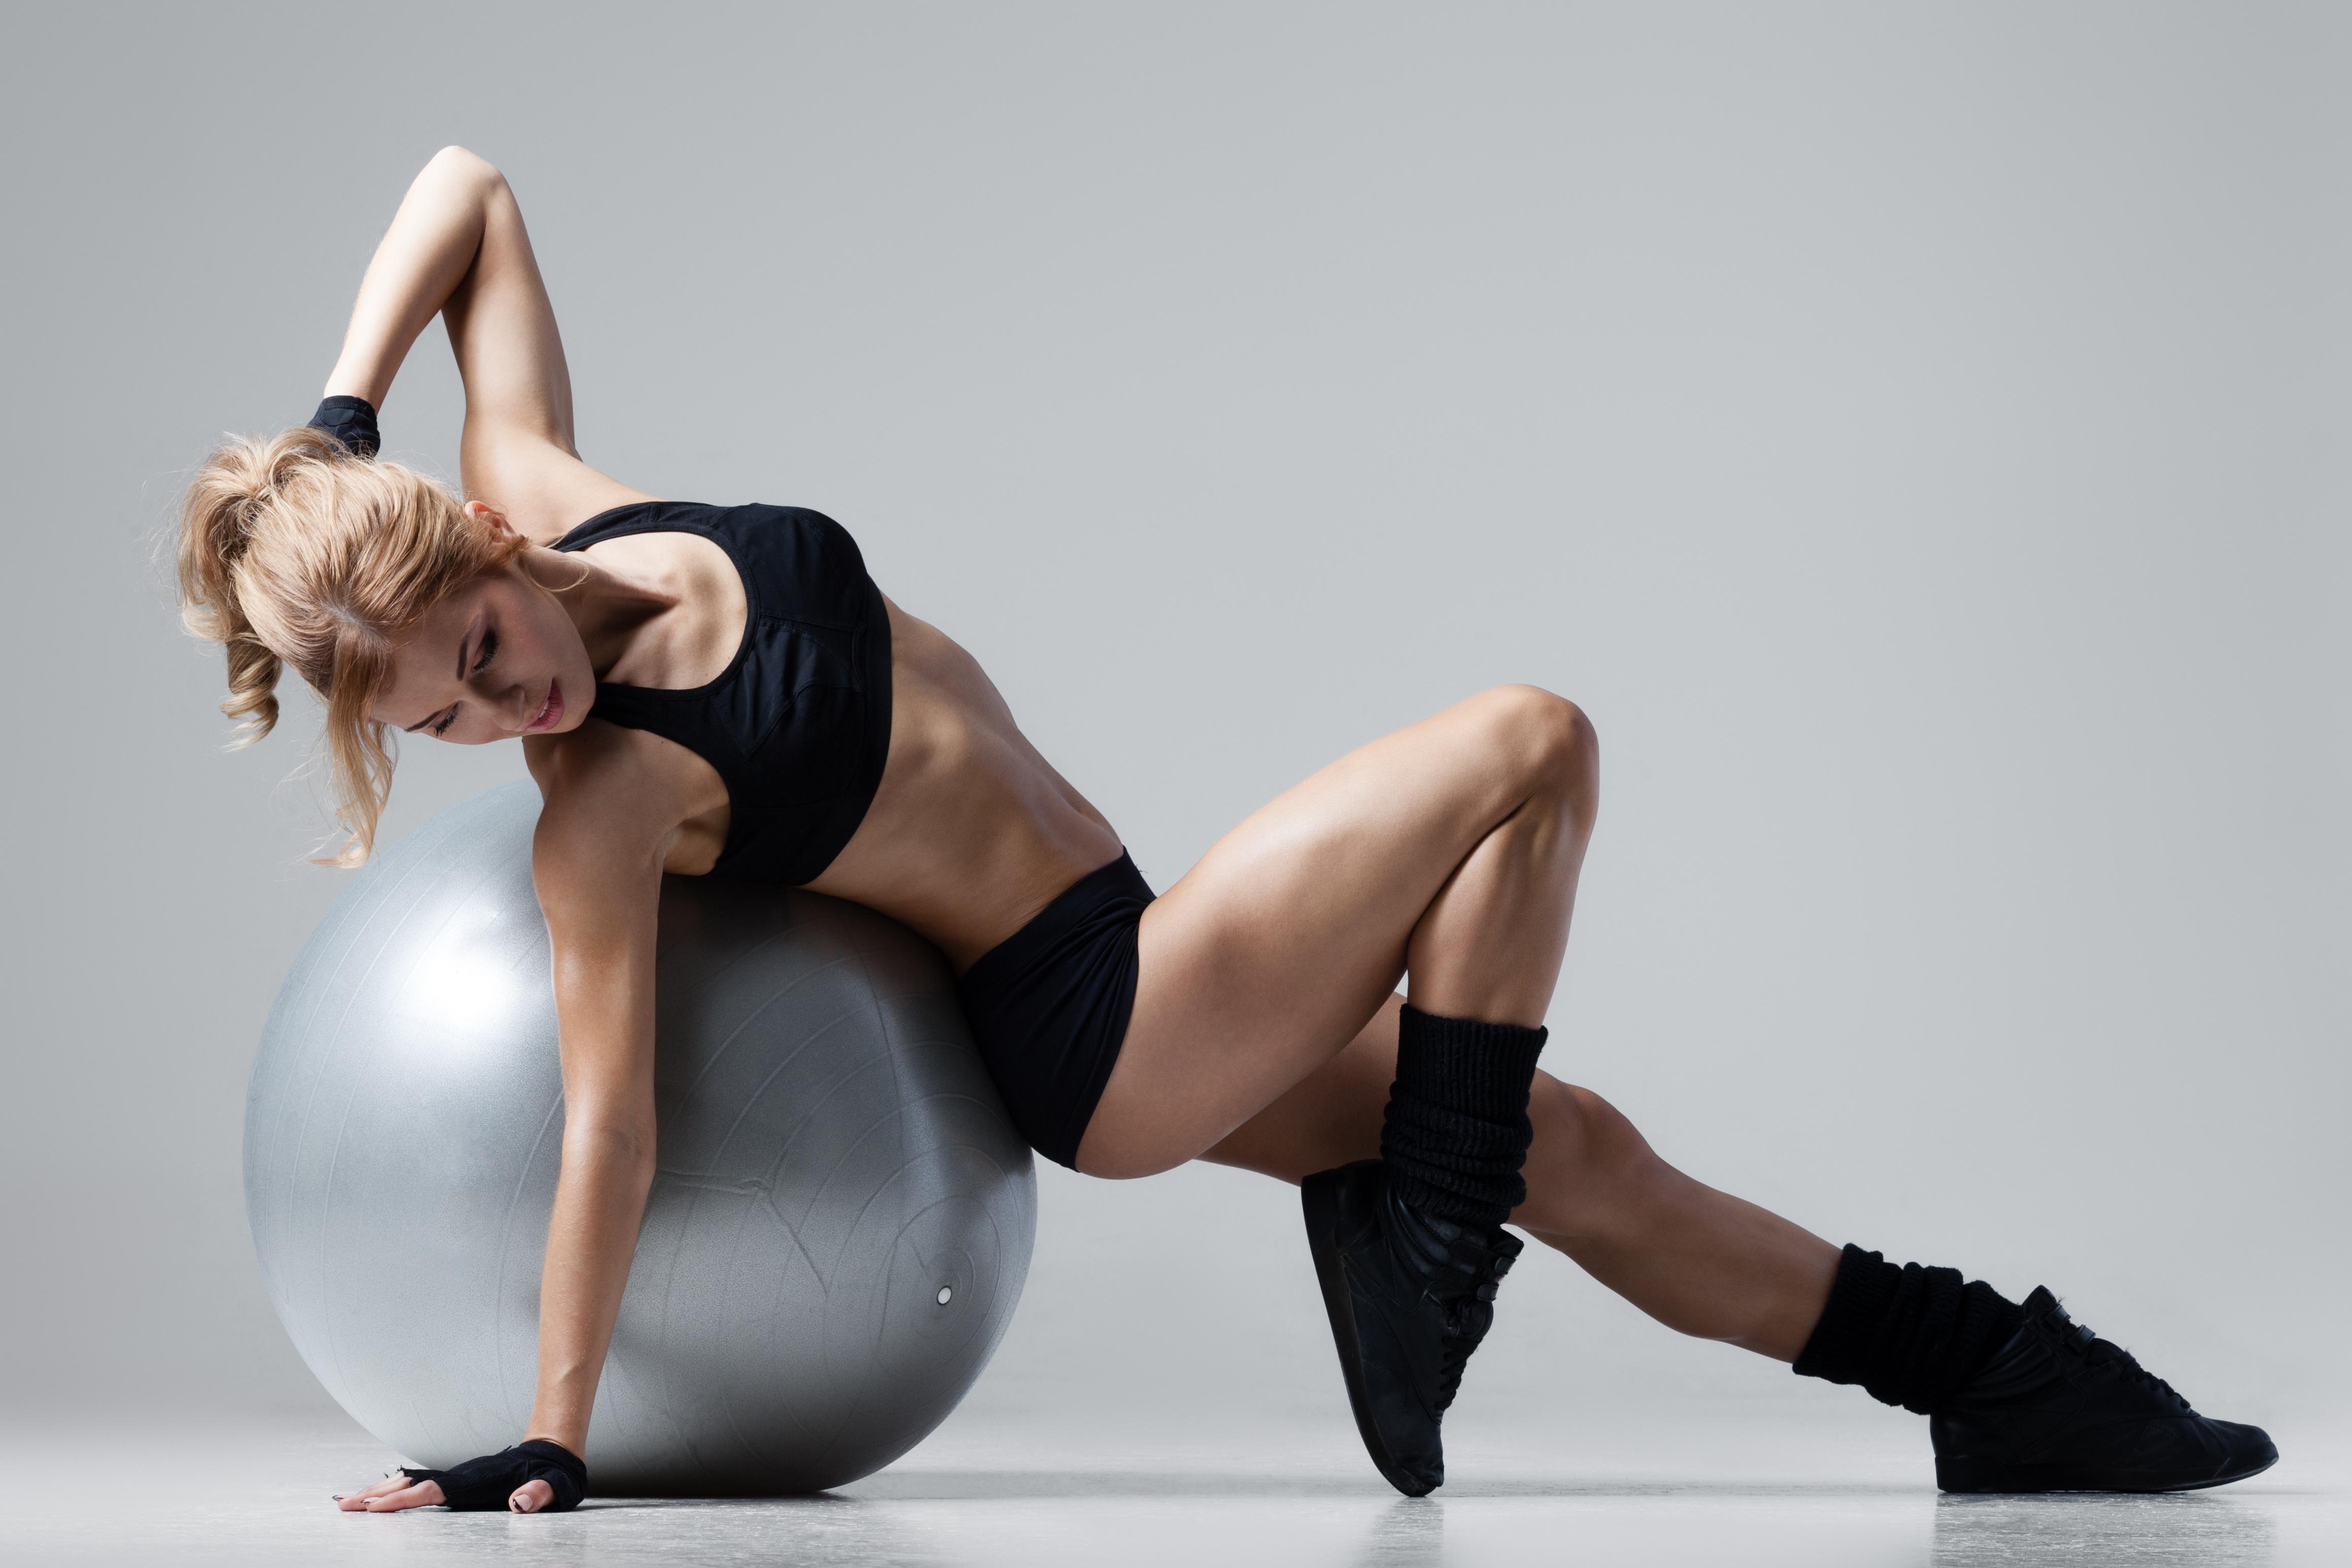 Как тренировать переднюю поверхность бедра: 3 проверенных упражнения